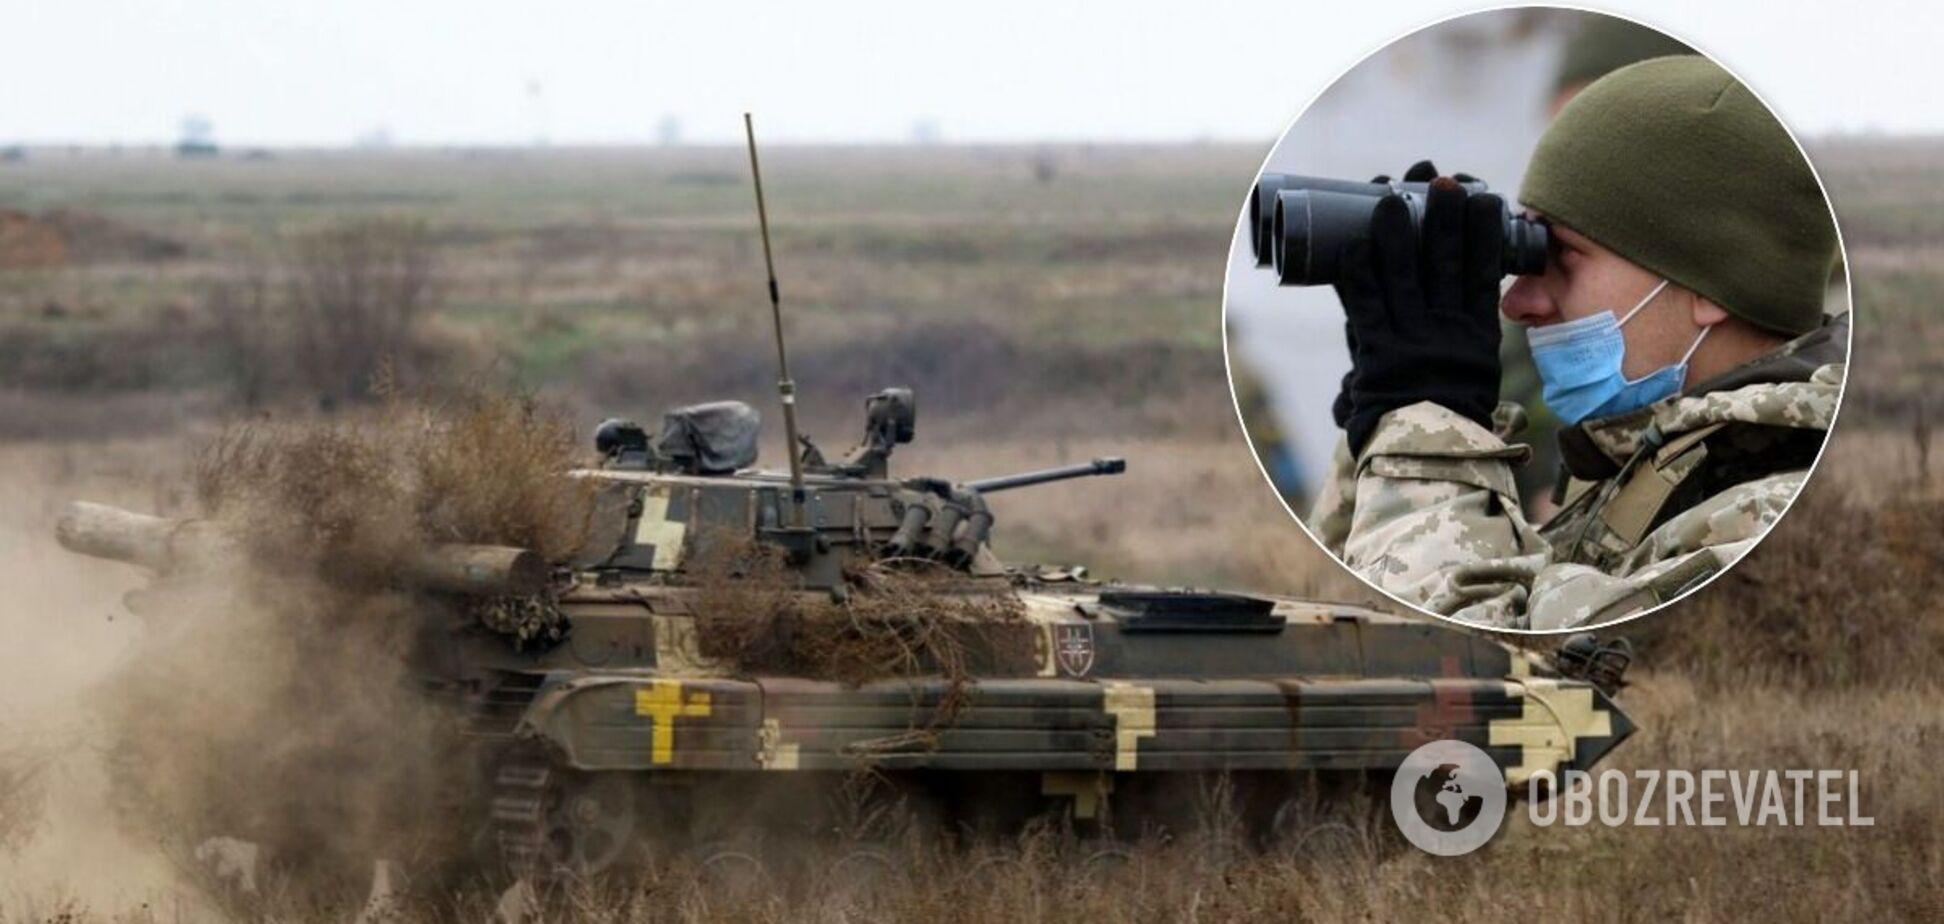 Проходять масштабні тактичні навчання з бойовою стрільбою